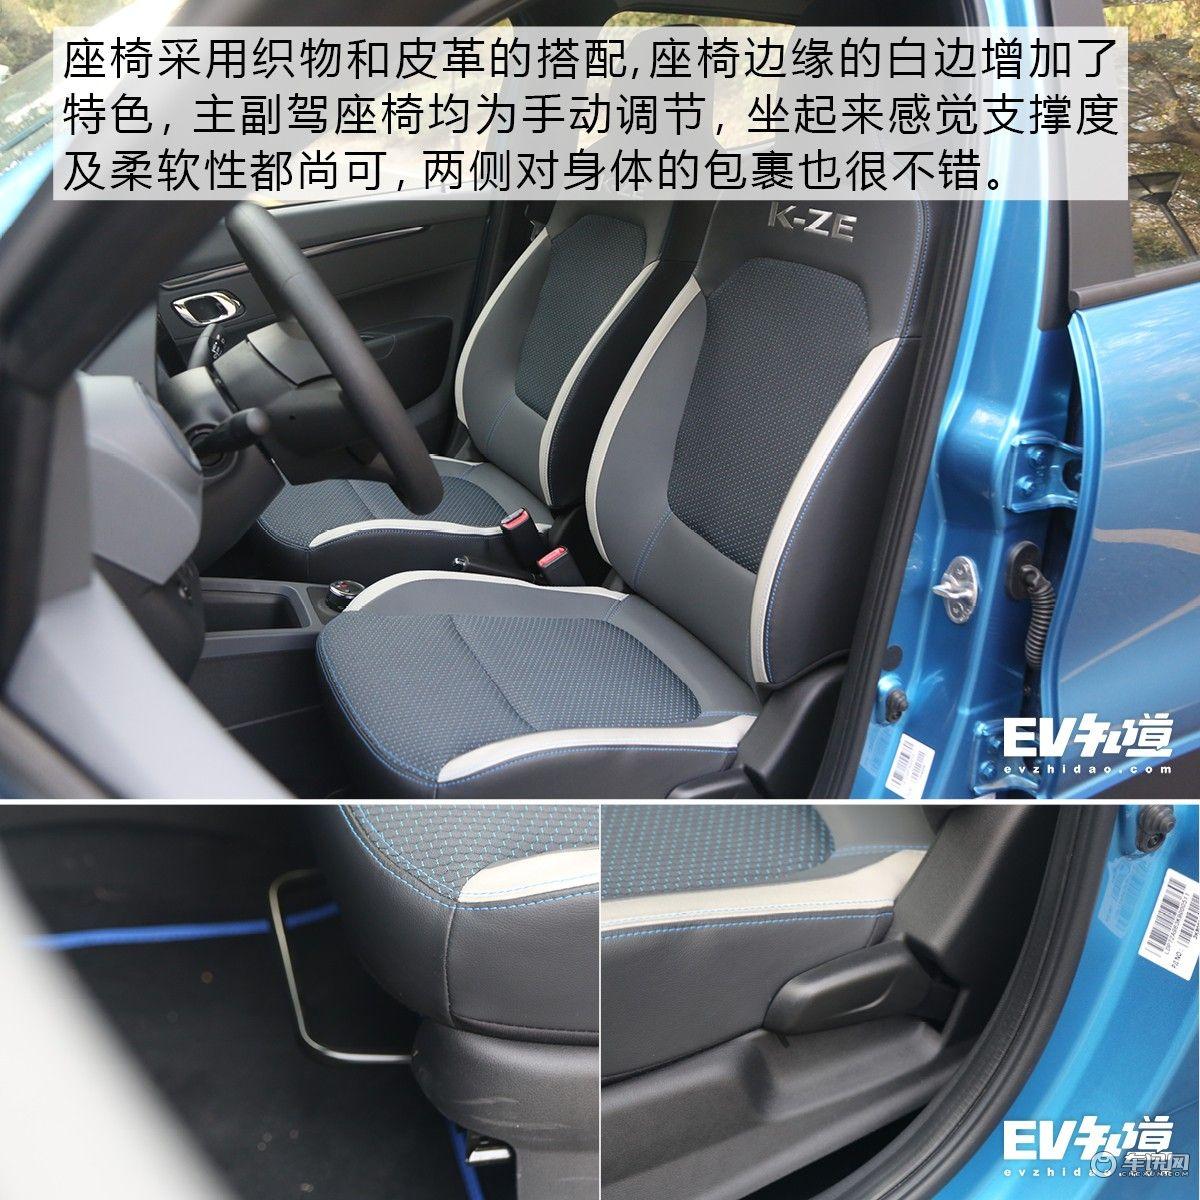 10万元买台车回家过年 四款热门纯电动车型推荐